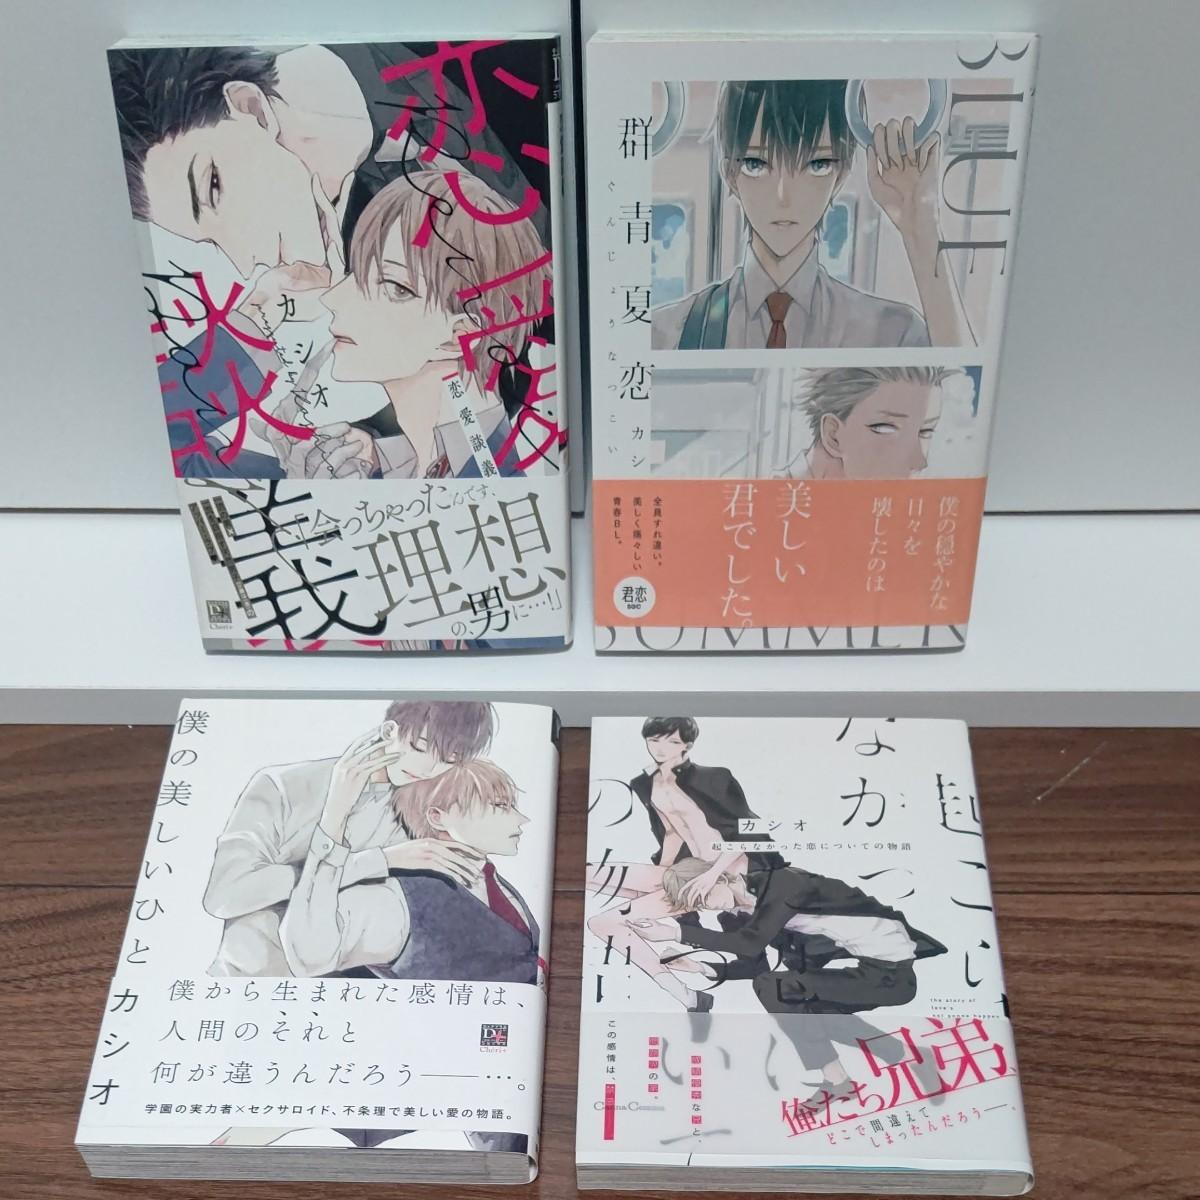 BLコミック 恋愛談義/群青夏恋/僕の美しいひと/起こらなかった恋についての物語/カシオ